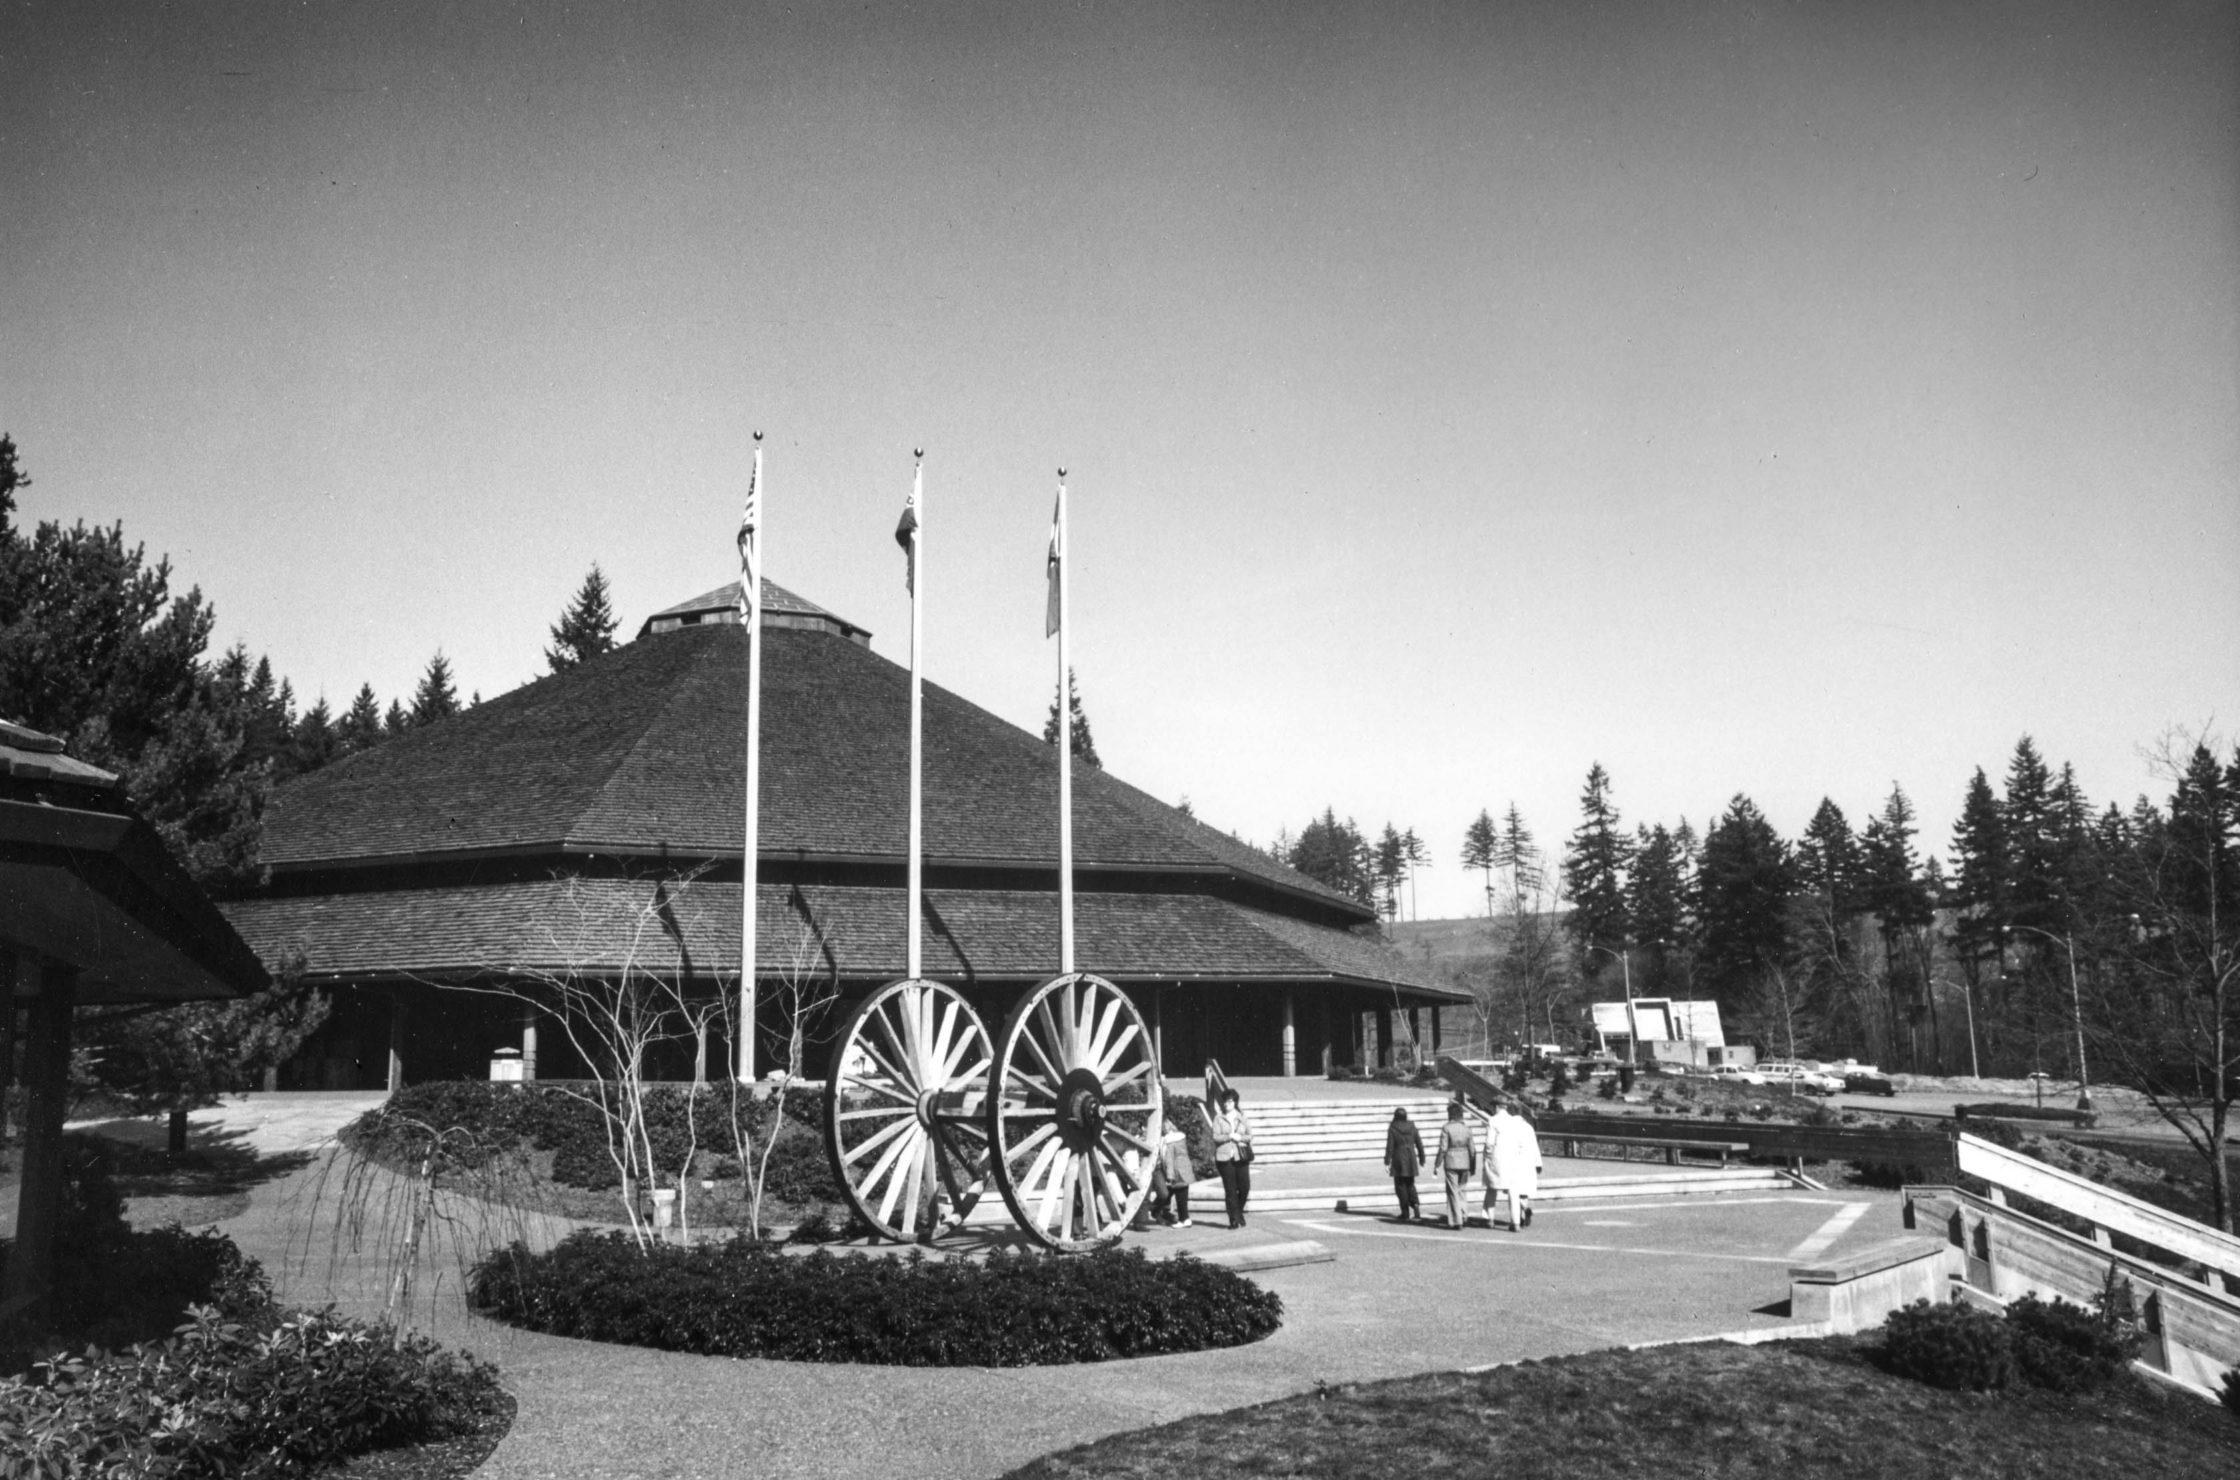 Old black and white photo of Washington Park